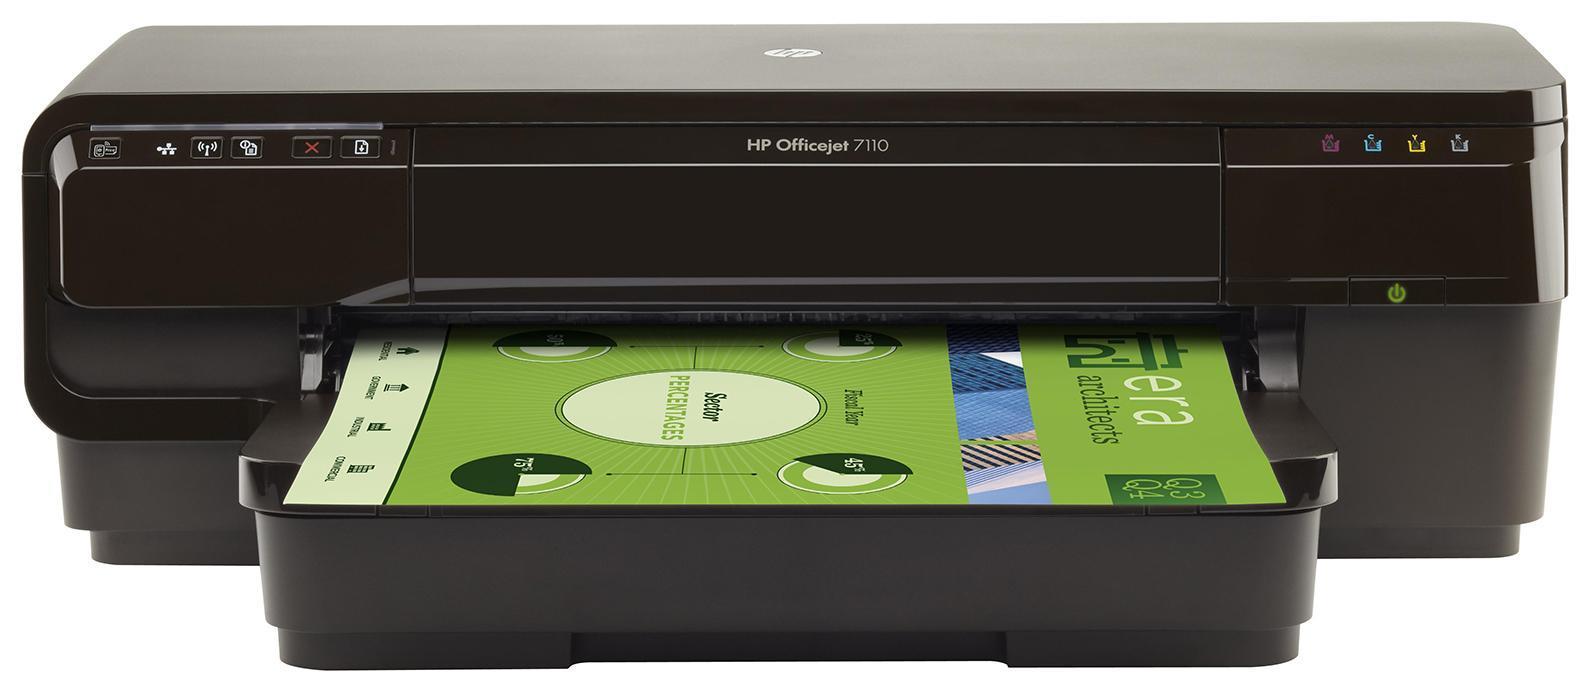 HP Officejet 7110 (H812a) струйныйпринтерCR768AСделайте больше собственными силами благодаря доступному, надежному принтеру HP ePrinter. Создавайте маркетинговые материалы профессионального качества размерами от почтовых открыток до A3+. Возможность совместной работы с помощью беспроводной сети 1 и возможность печати практически из любого места. 2Струйный или лазерный принтер: какой лучше? Статья OZON Гид